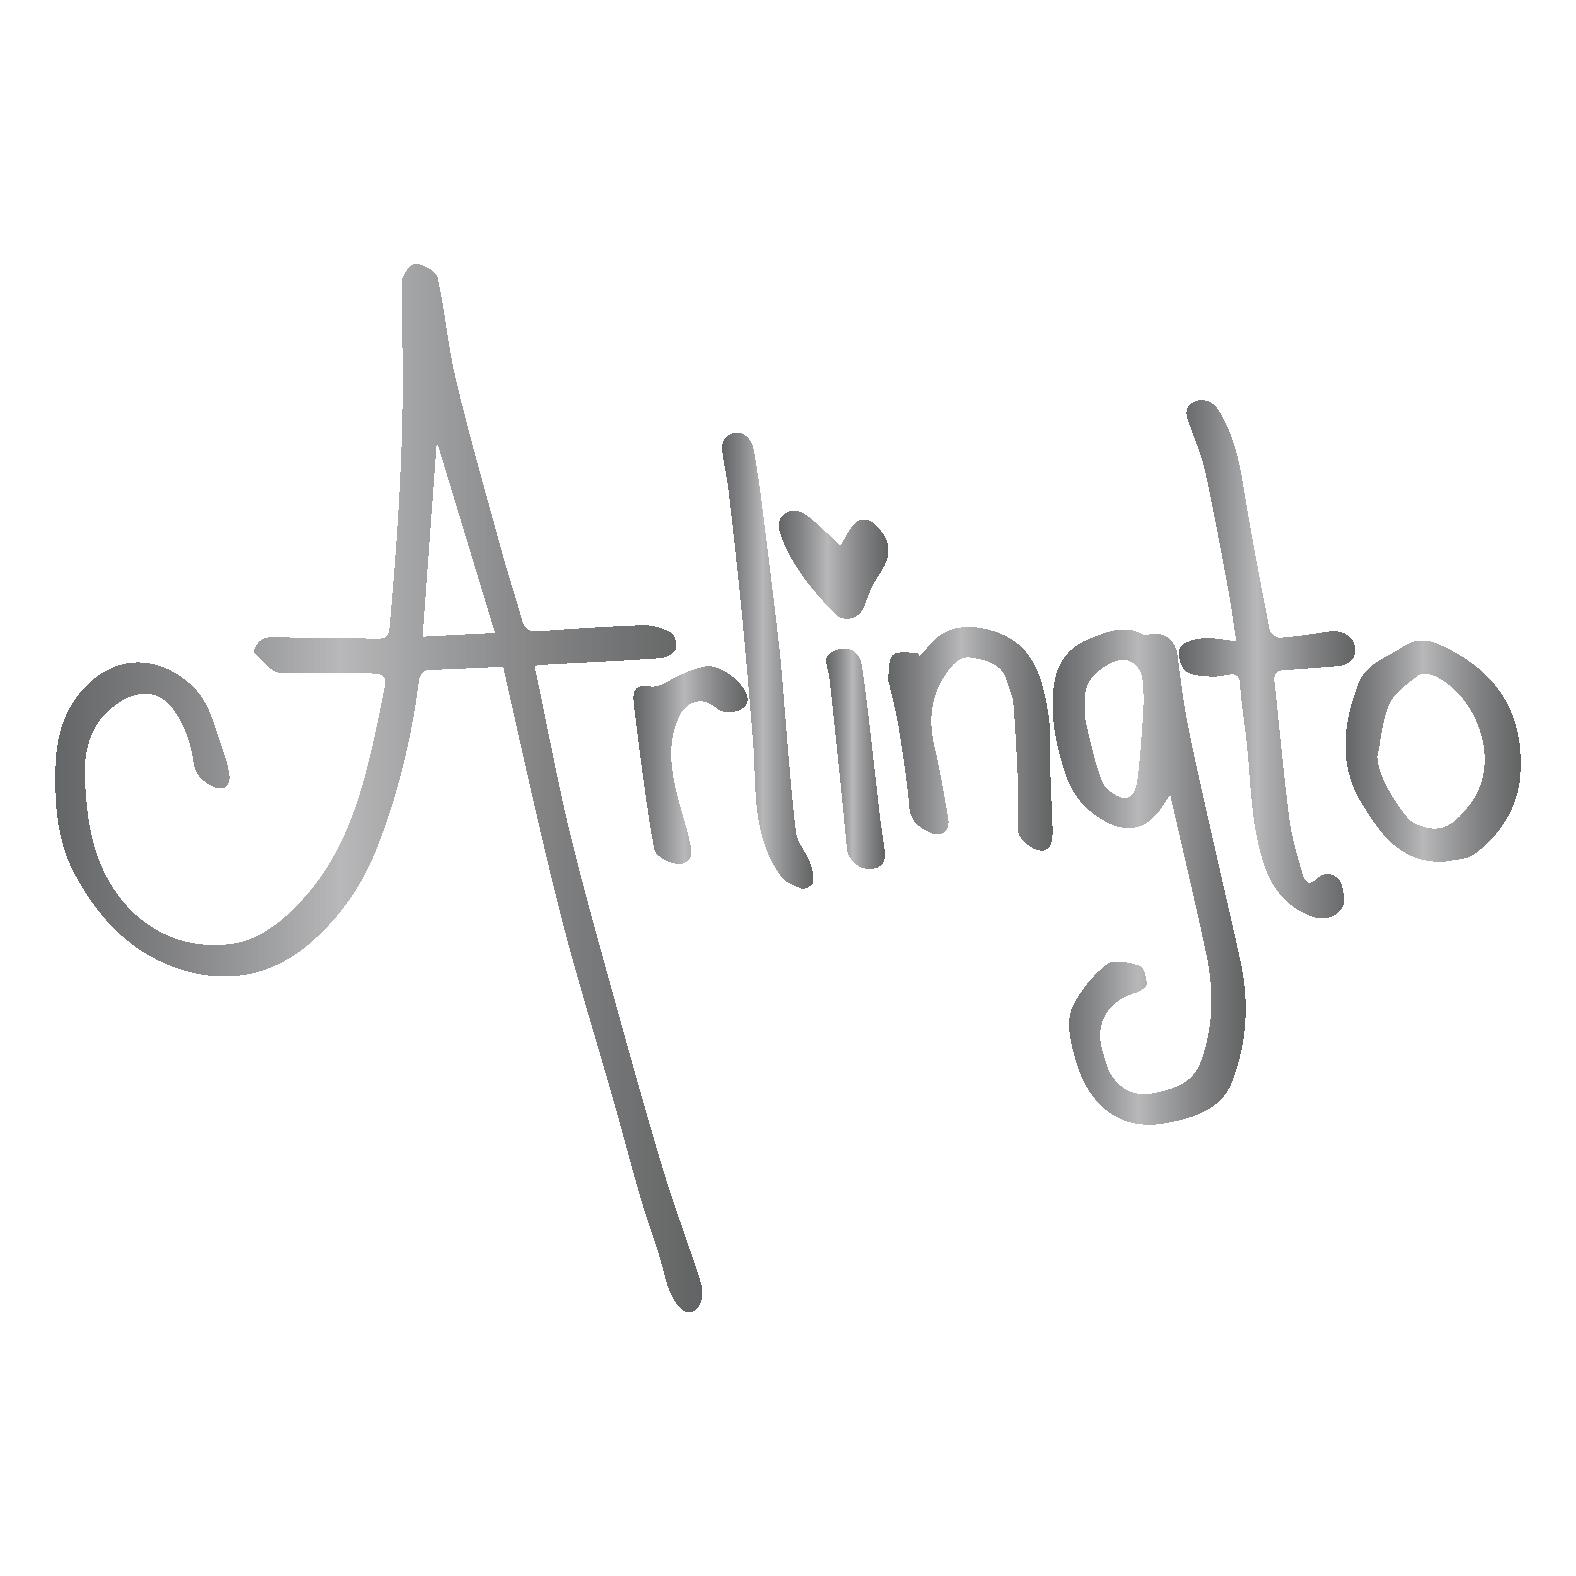 The Arlingto